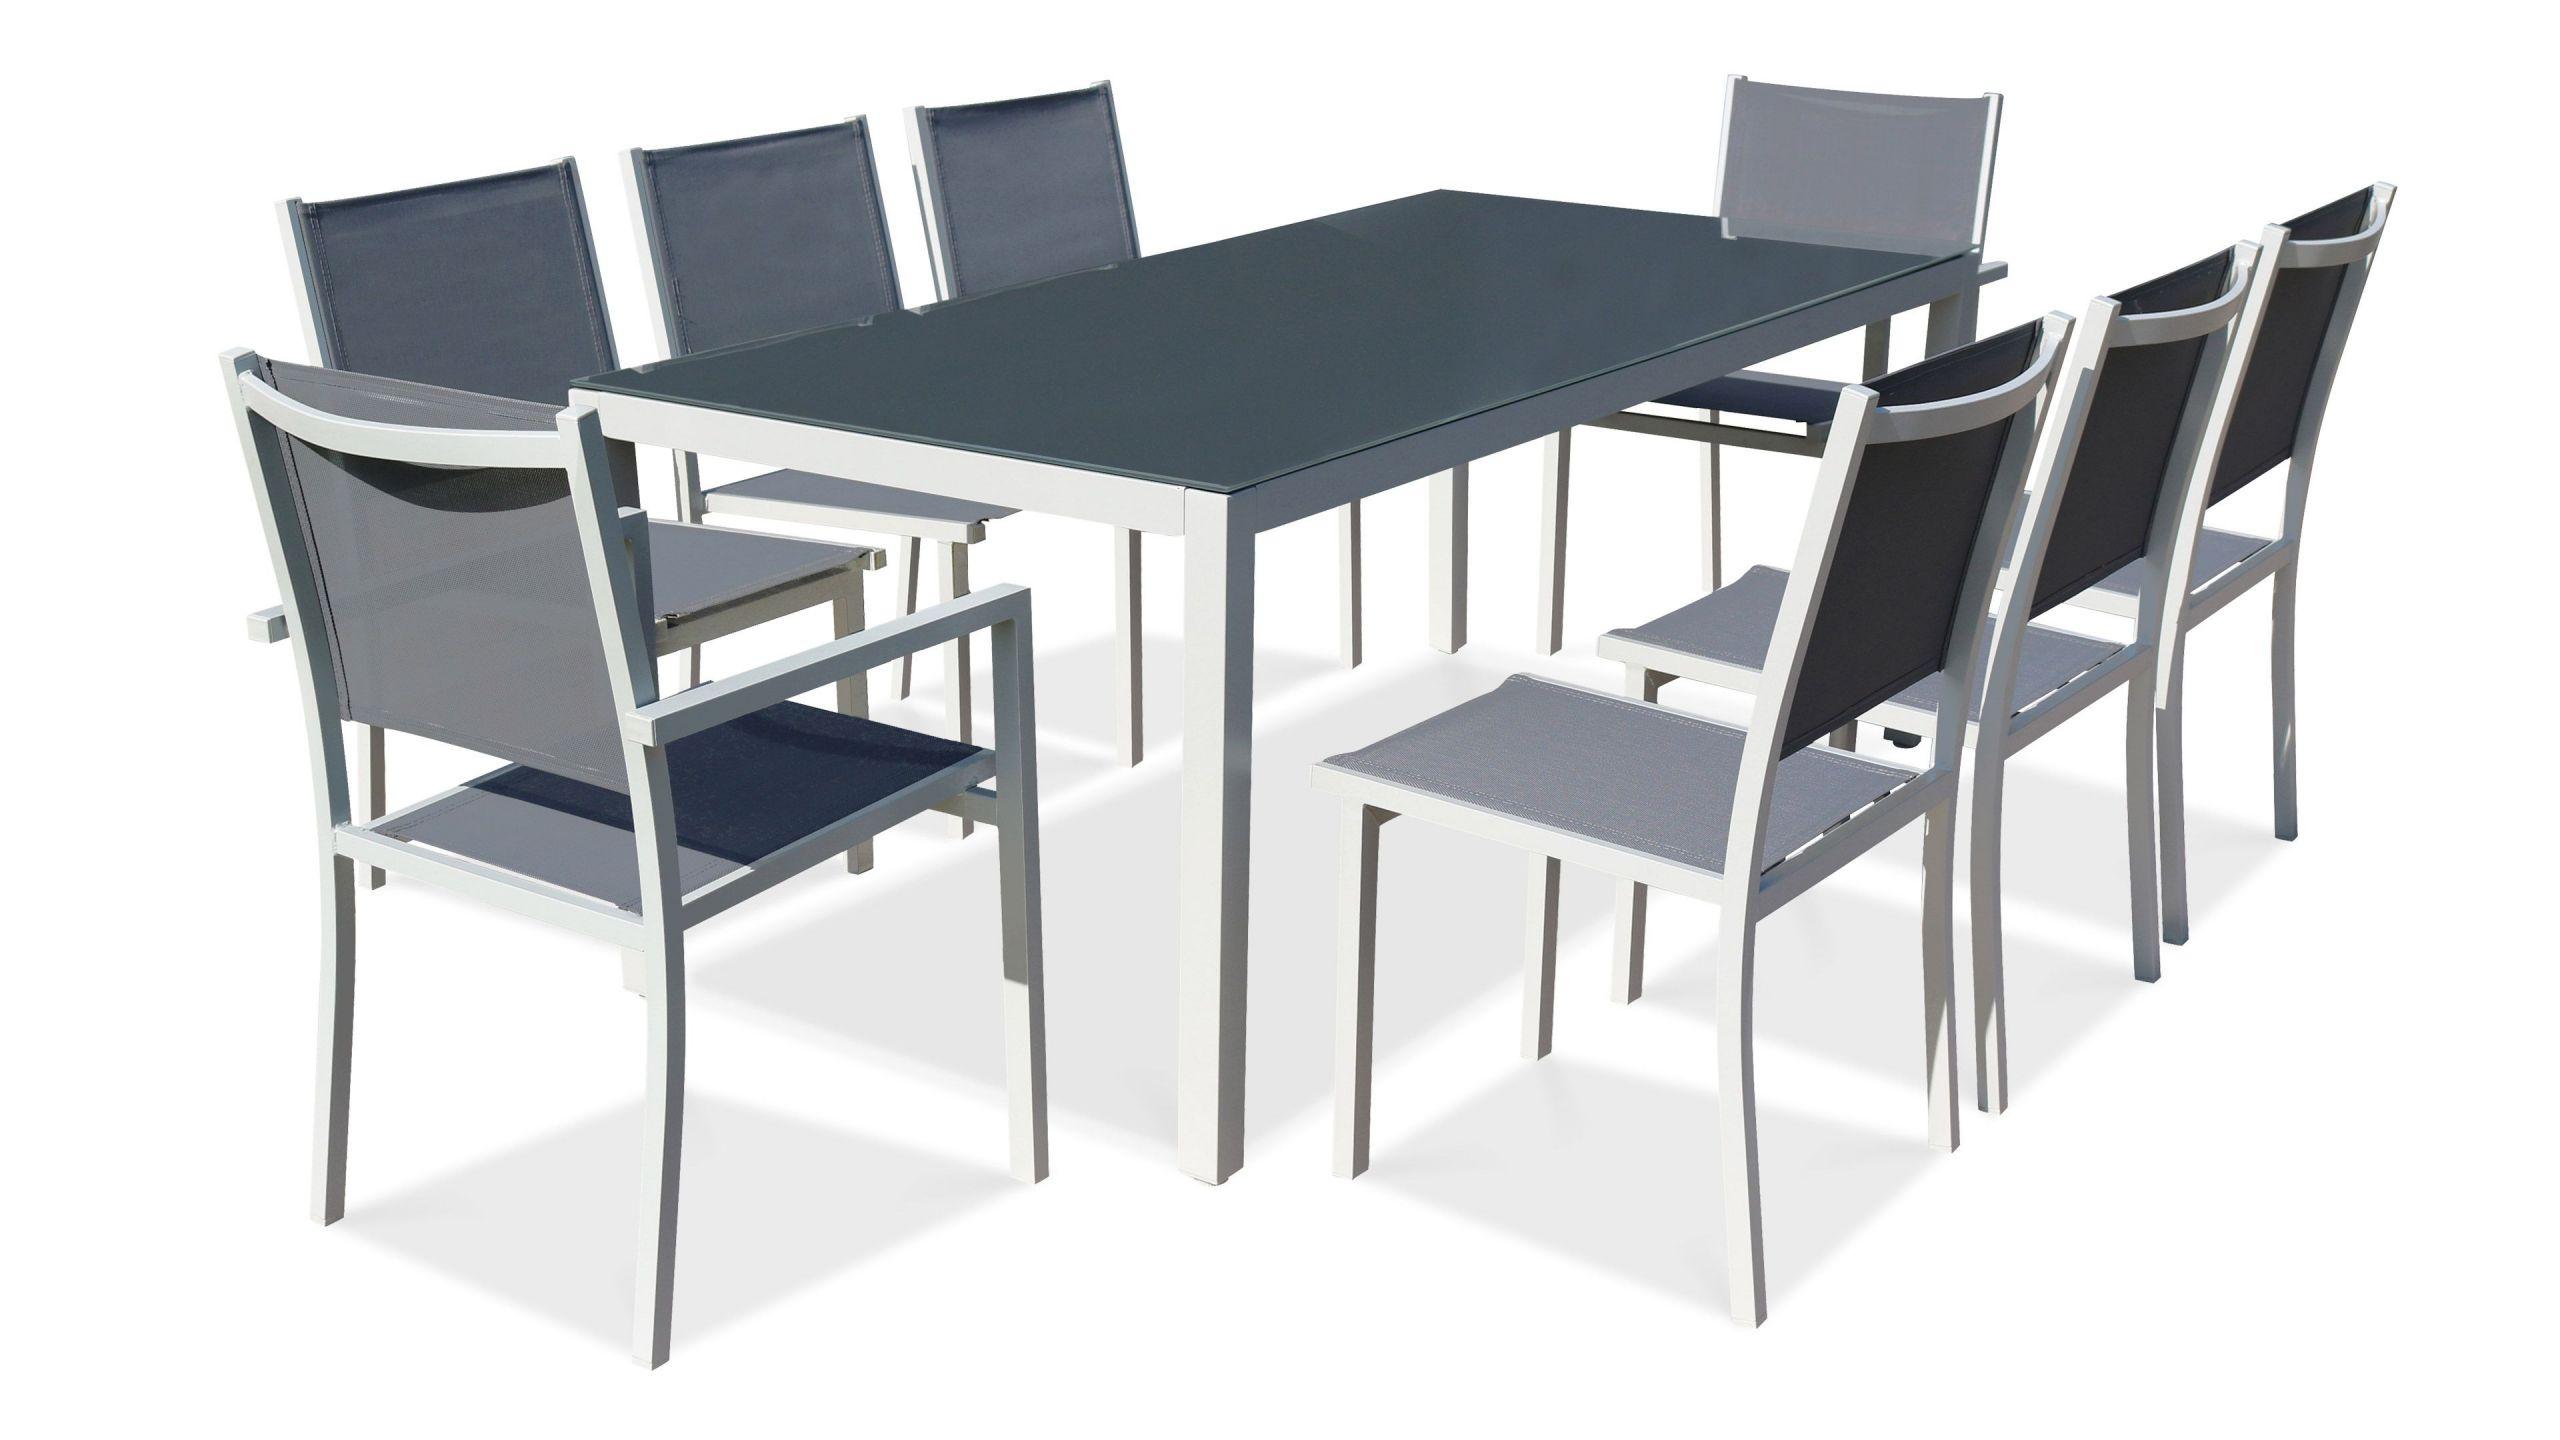 Salon de jardin aluminium table de jardin 8 places